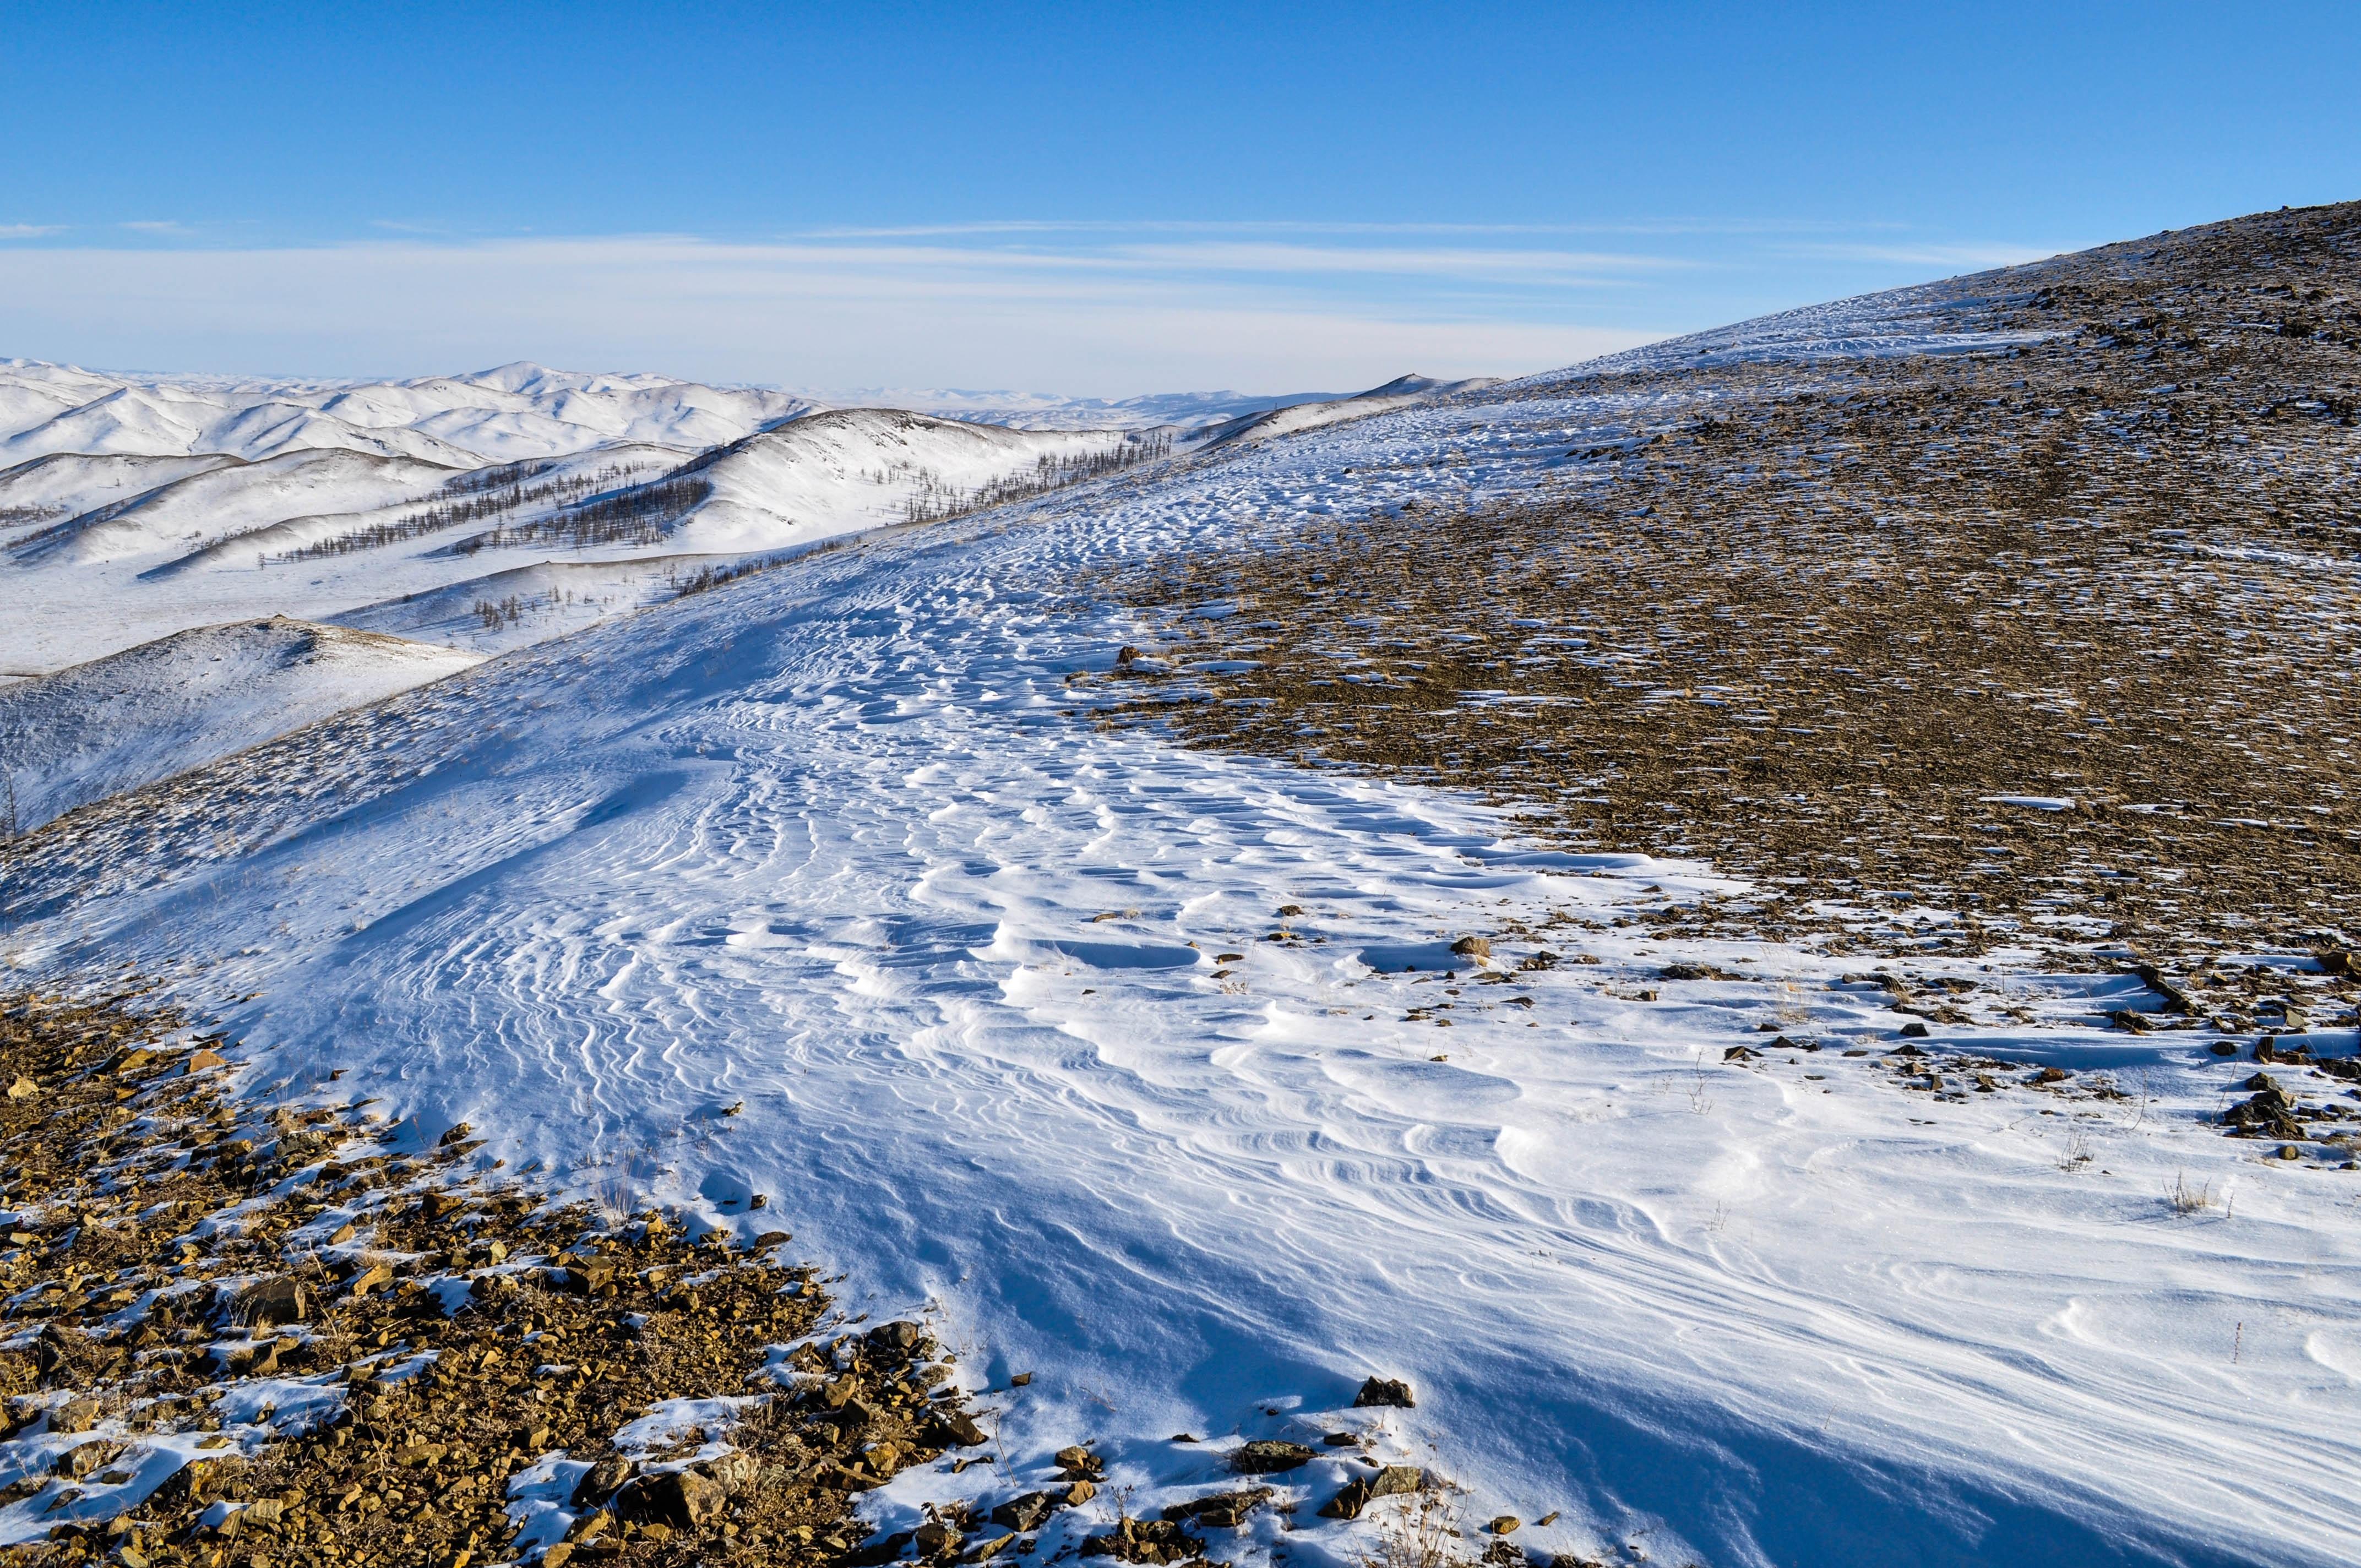 картинки арктической пустыни летом и зимой другой стороны, экзотика